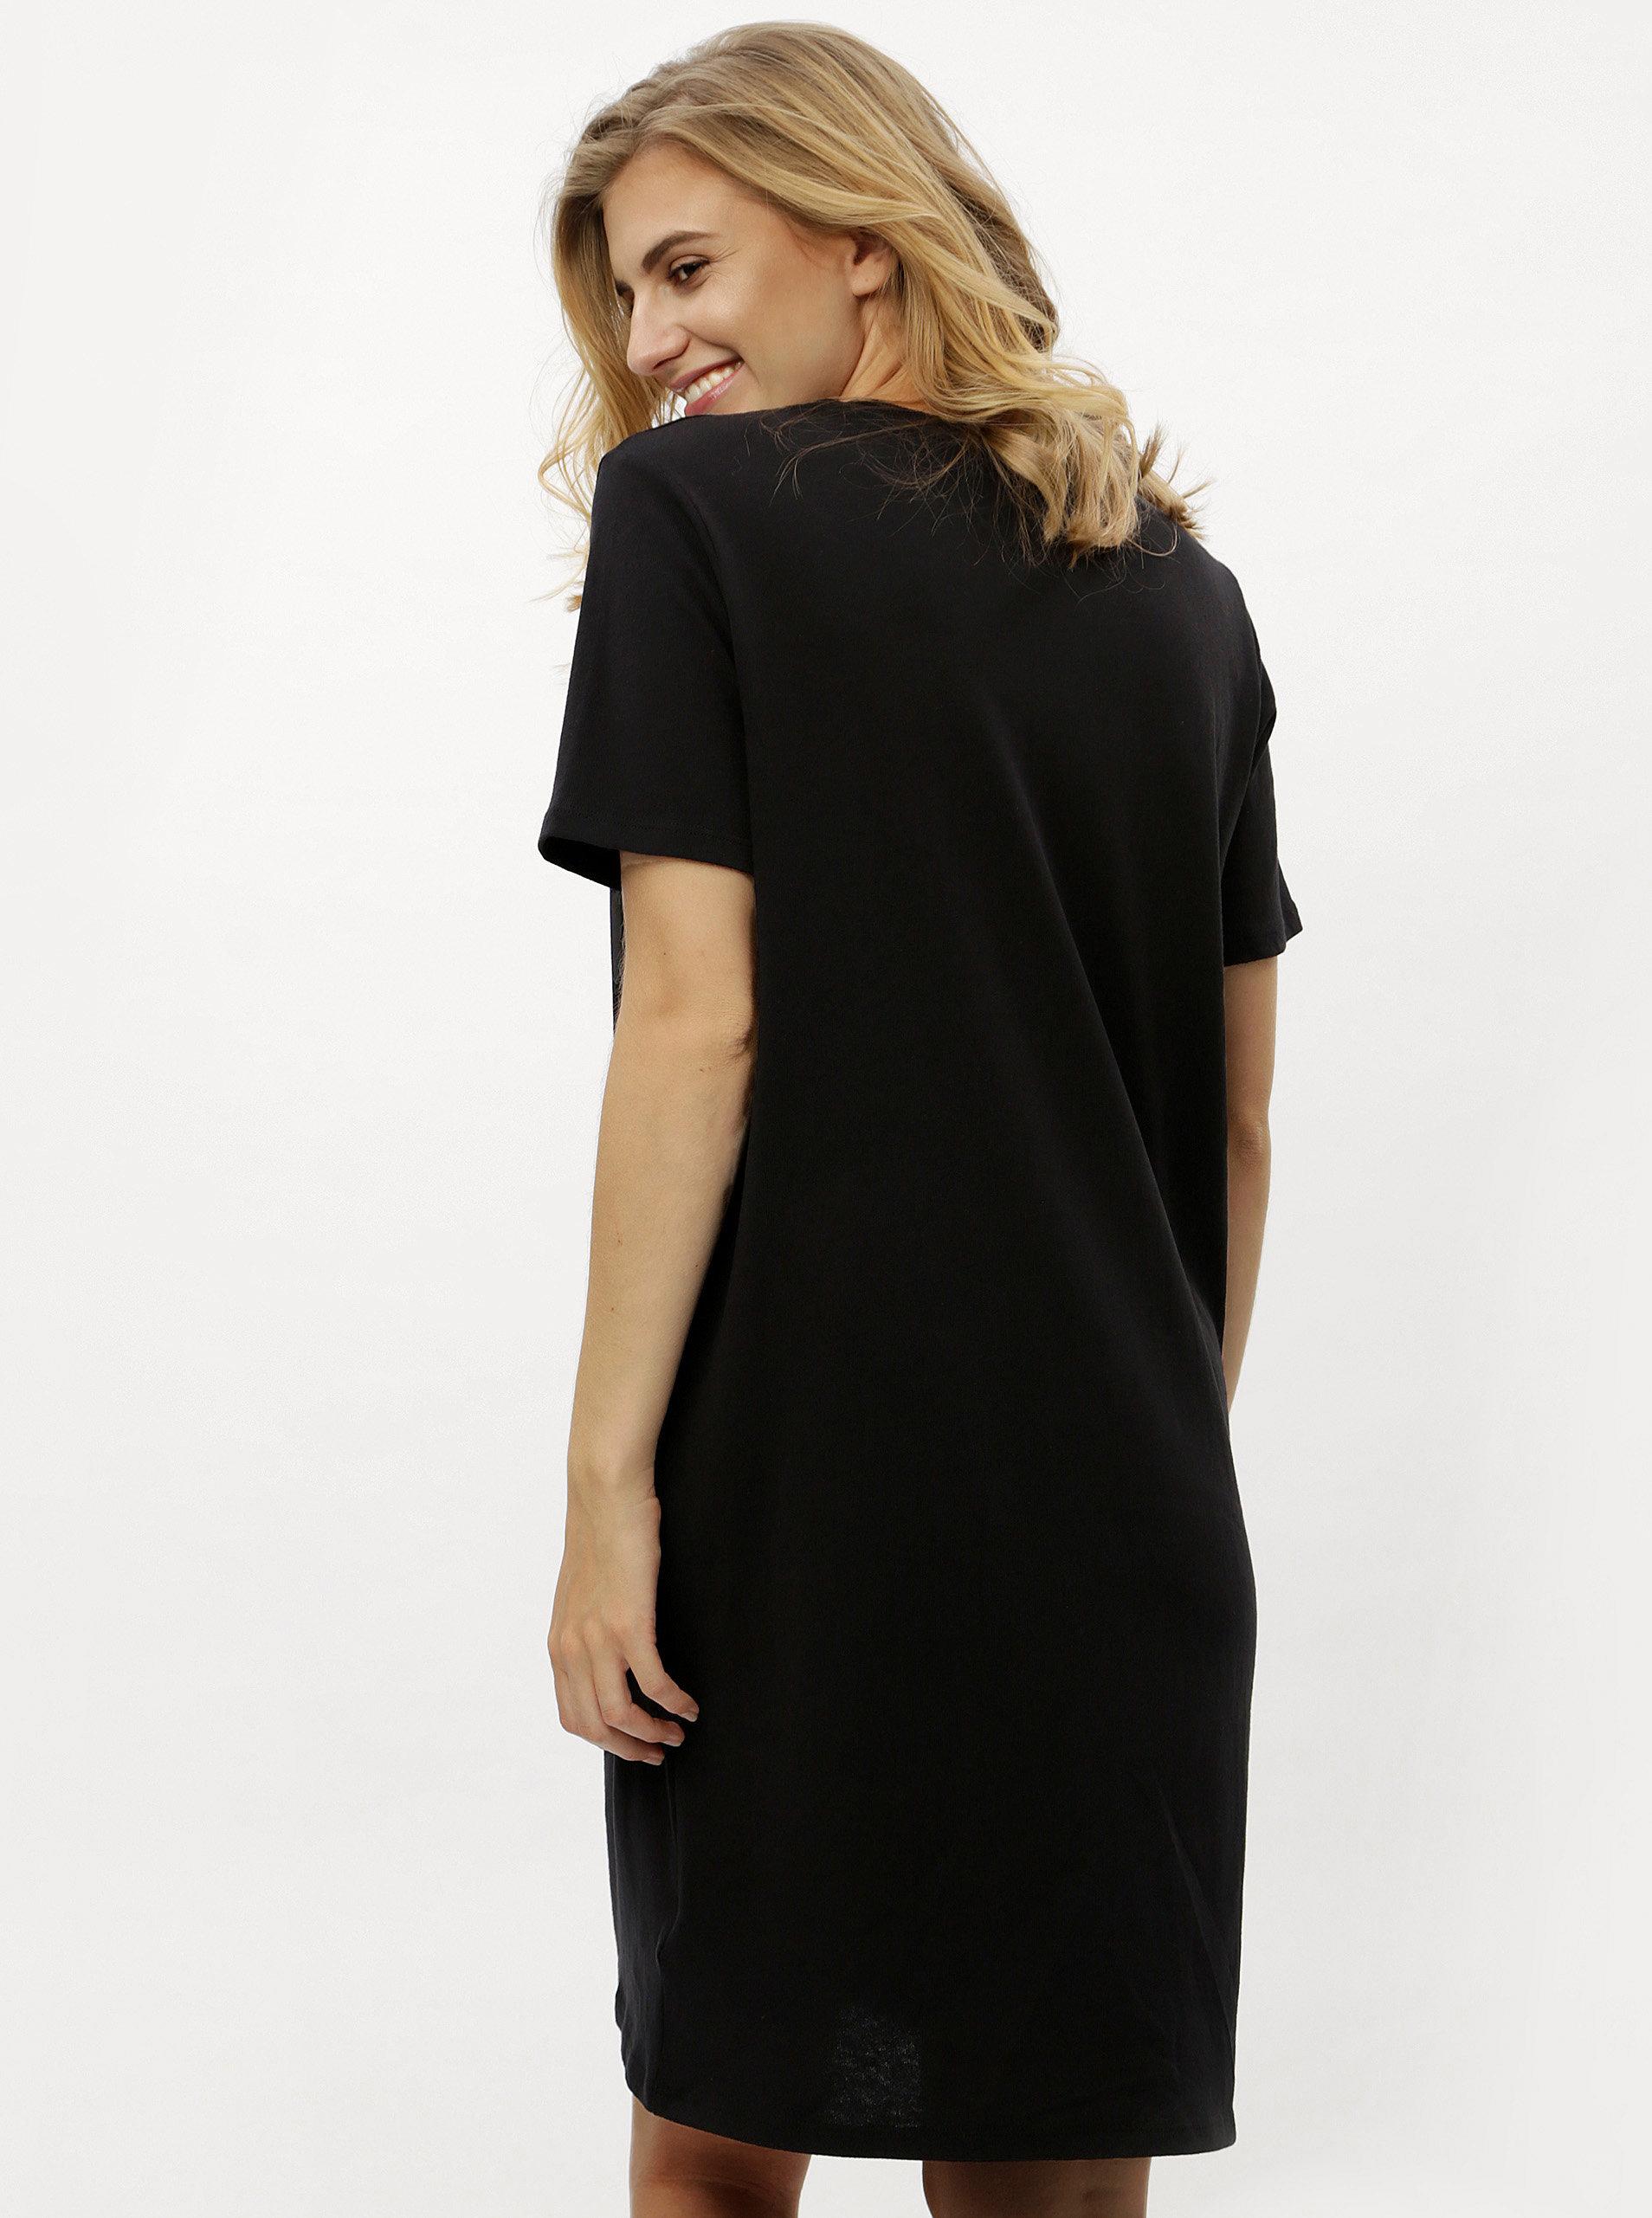 Černé tričkové šaty s krátkým rukávem Calvin Klein Jeans ... 2bf59d88576